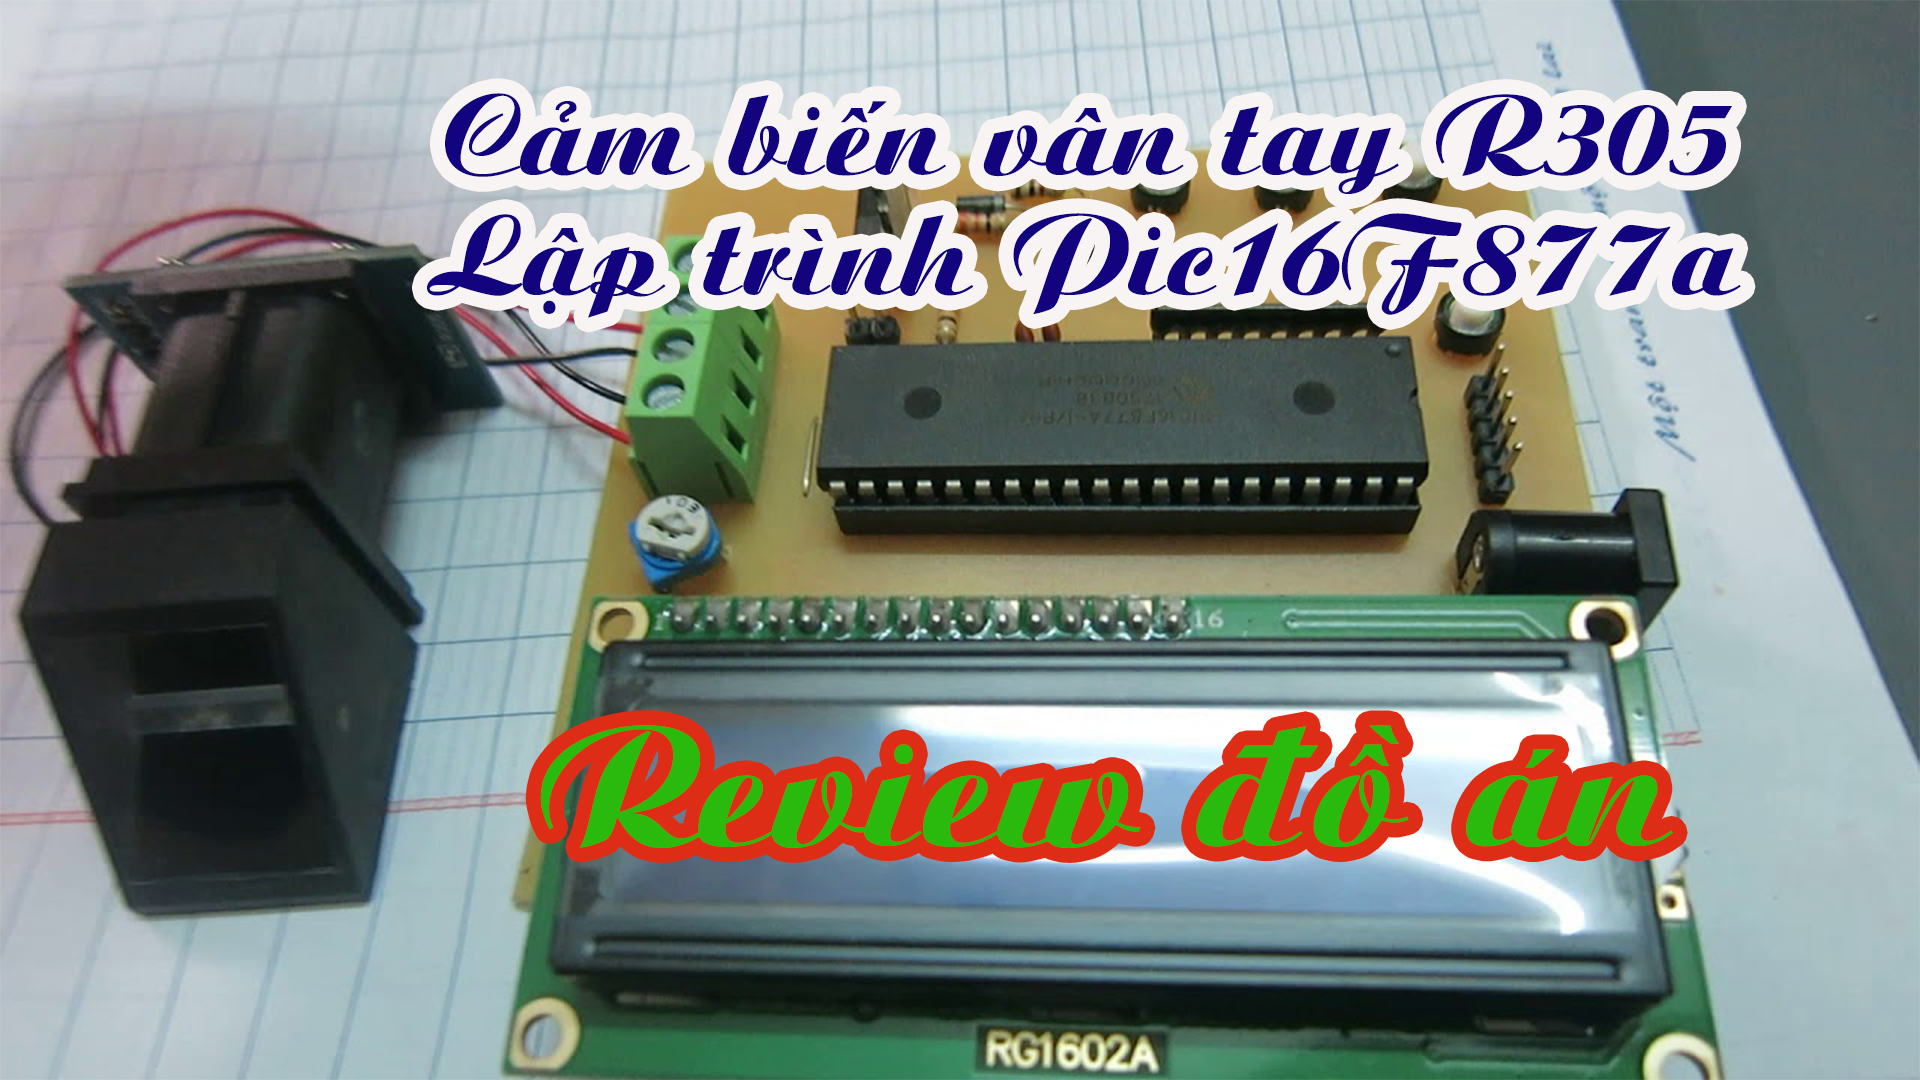 cảm biến vân tay R305 pic16f877a